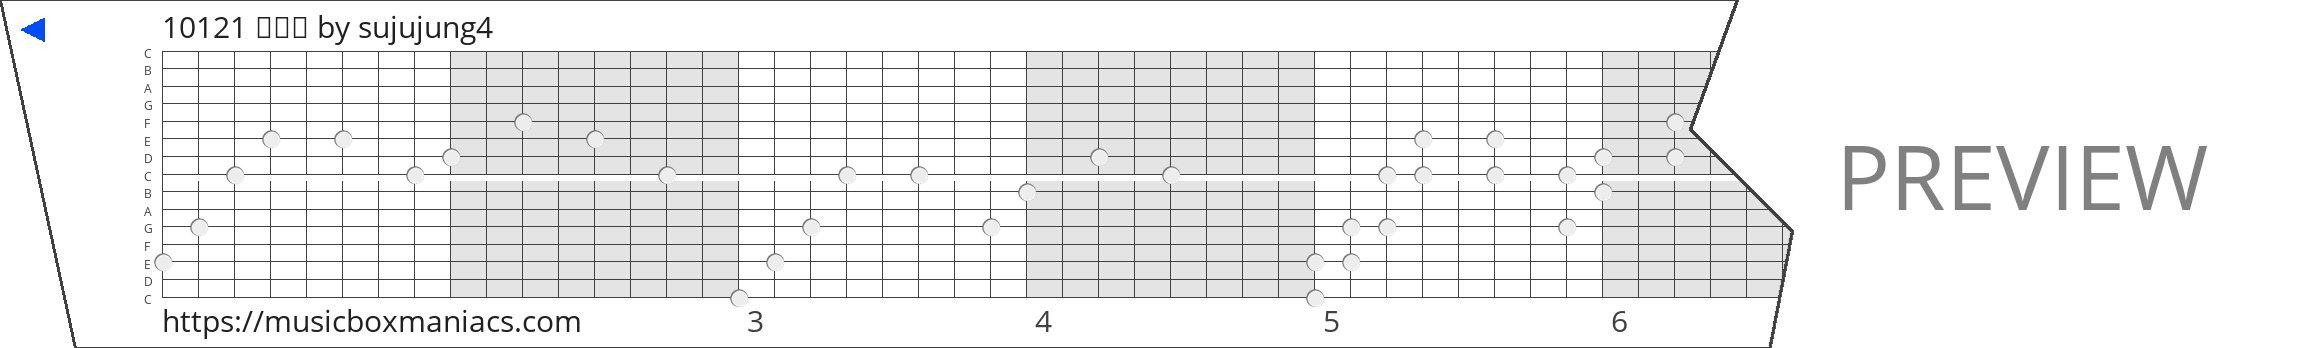 10121 김민주 15 note music box paper strip